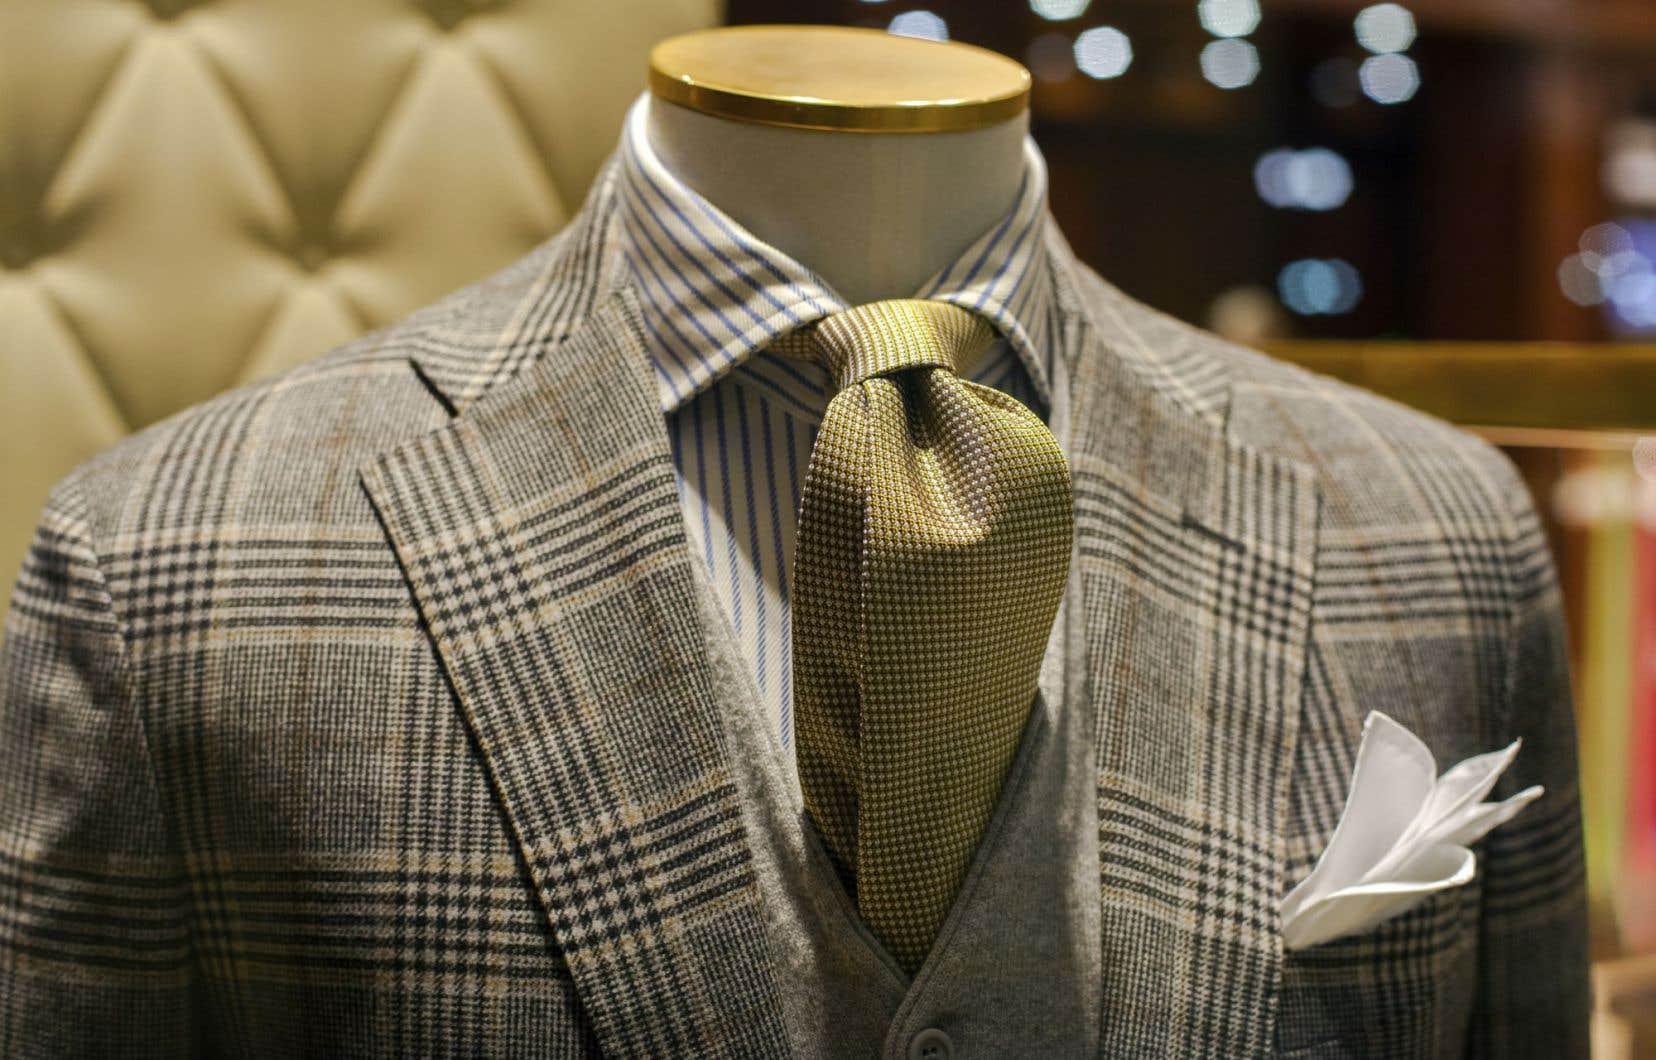 Bovet, qui avait ouvert son premier magasin il y a plus de cent ans, s'est fait connaître d'abord pour ses vêtements de travail puis pour ceux destinés aux clients « de tailles fortes et élancées ».